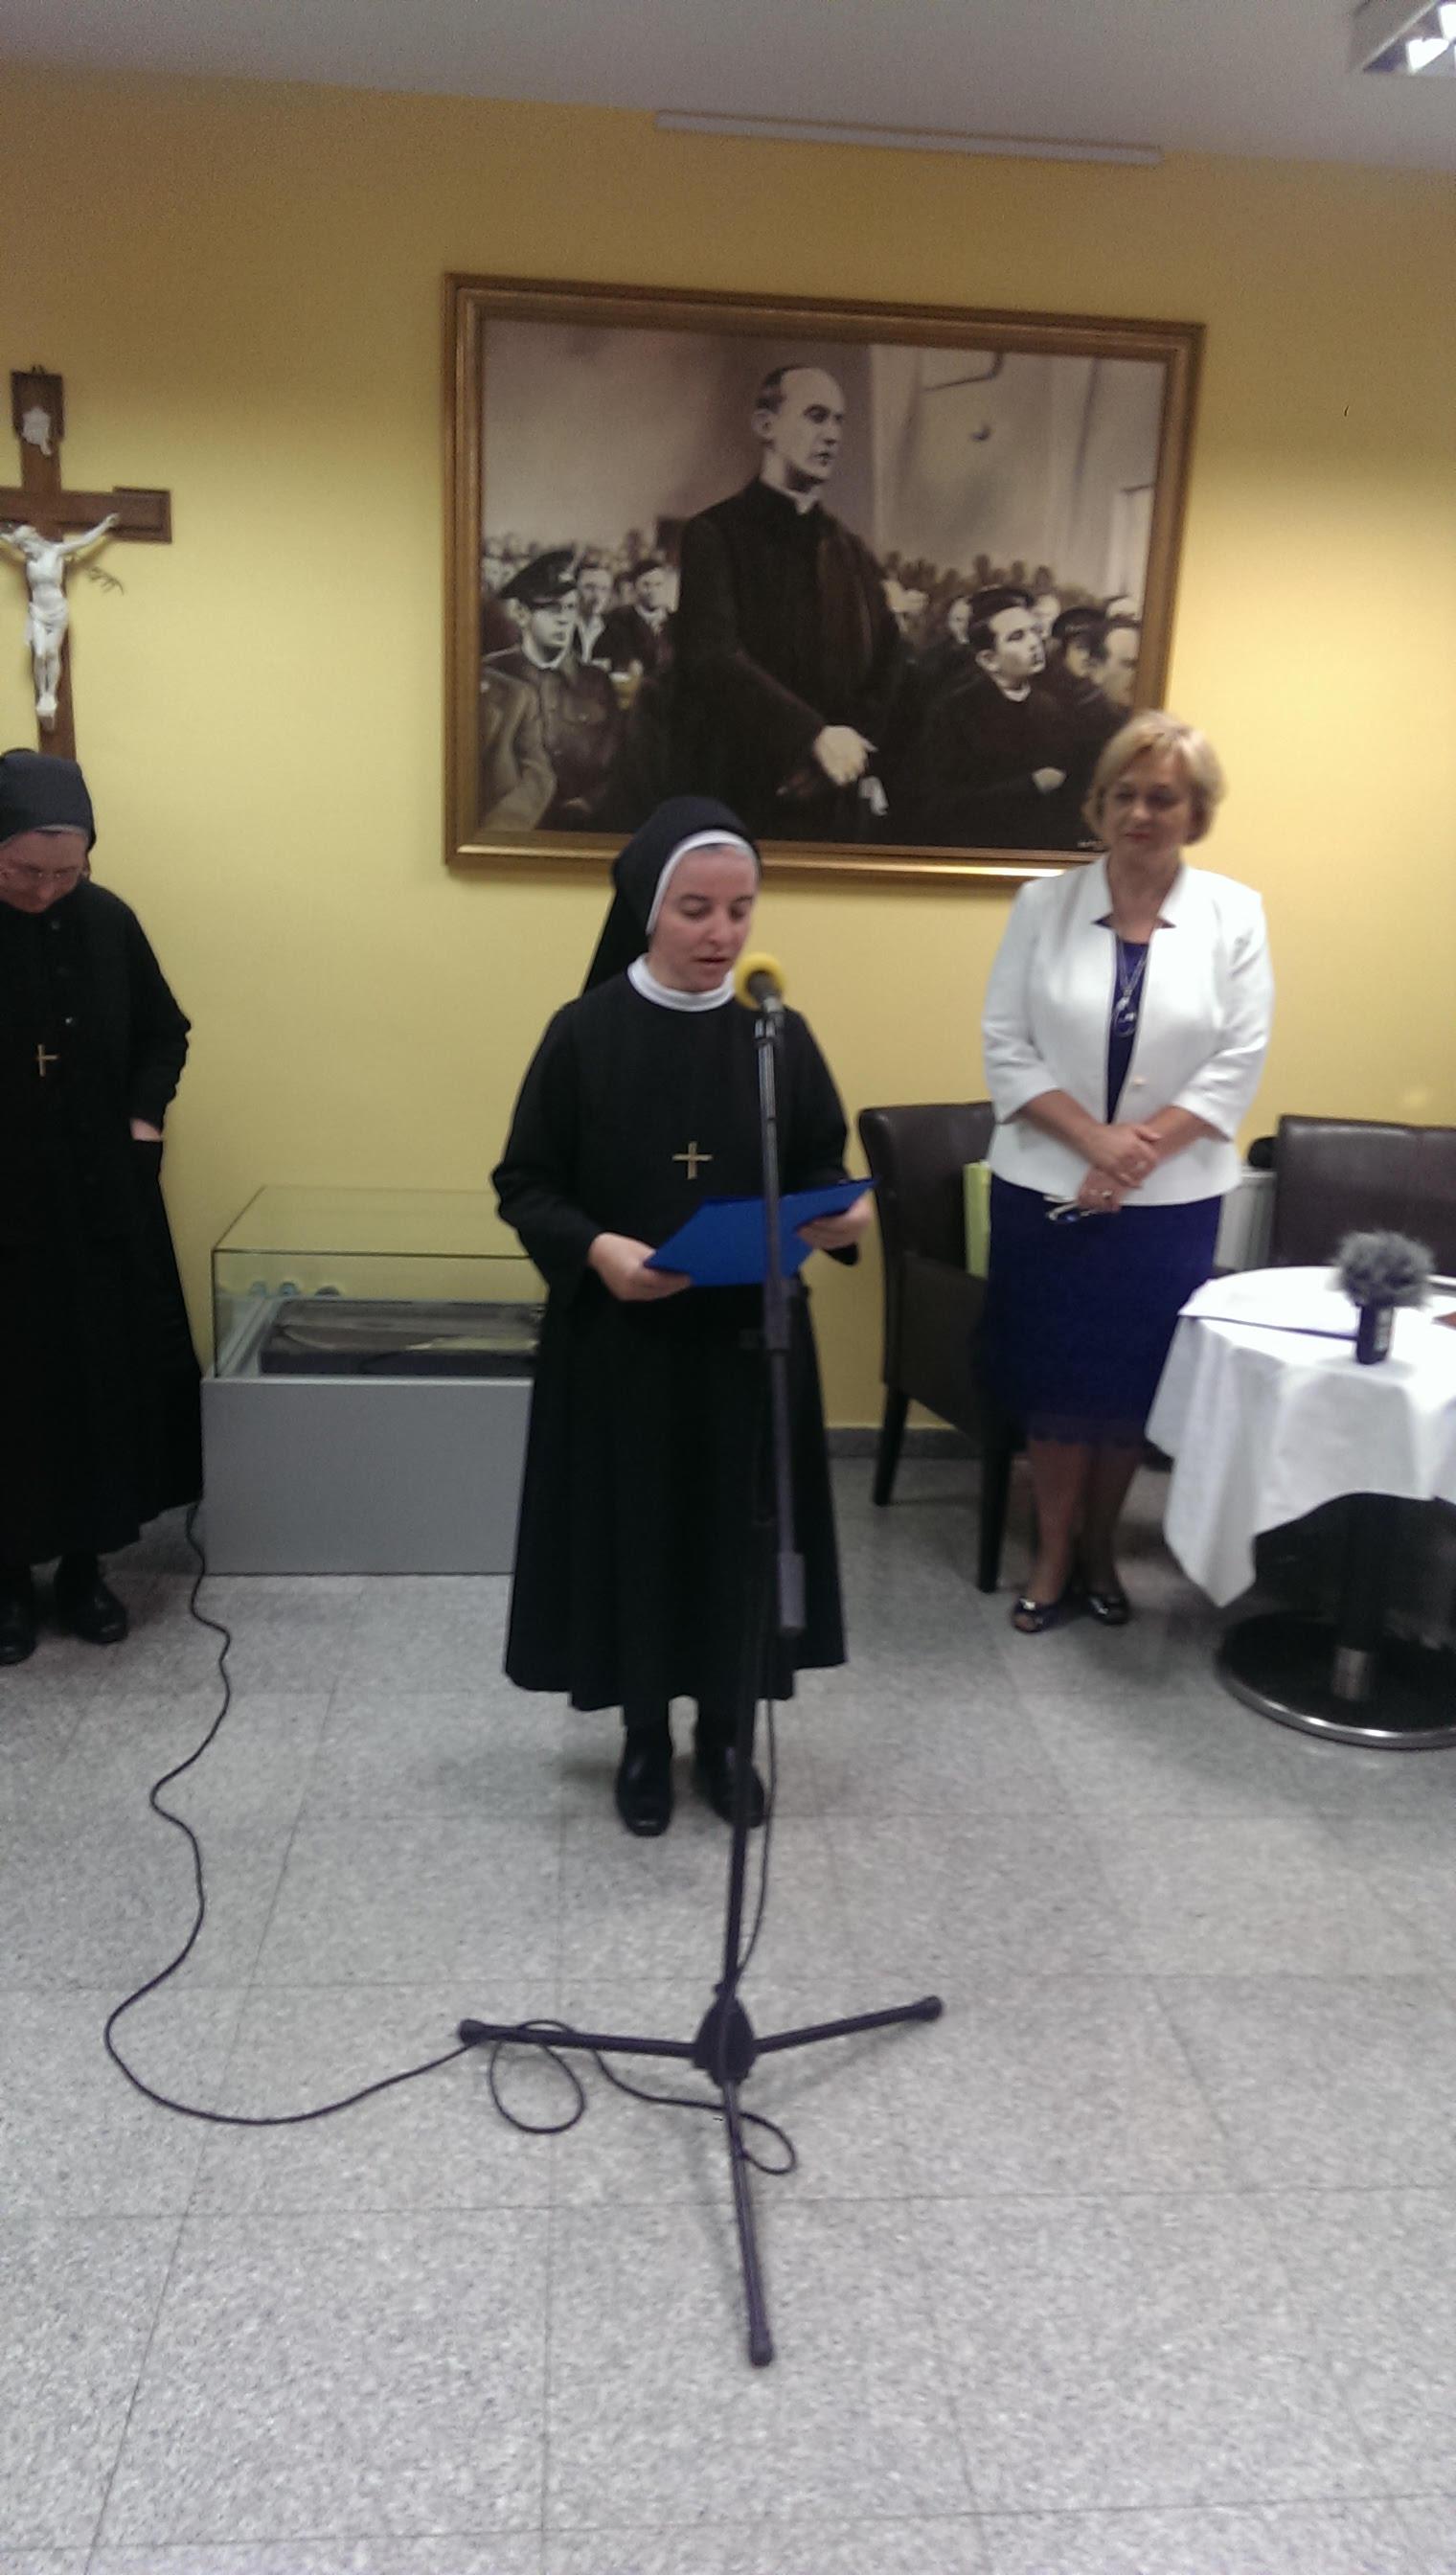 Poglavarica sestara sv. Križa u Đakovu, s. Valerija  Široki otvorila izložbu 150 godina zajedno